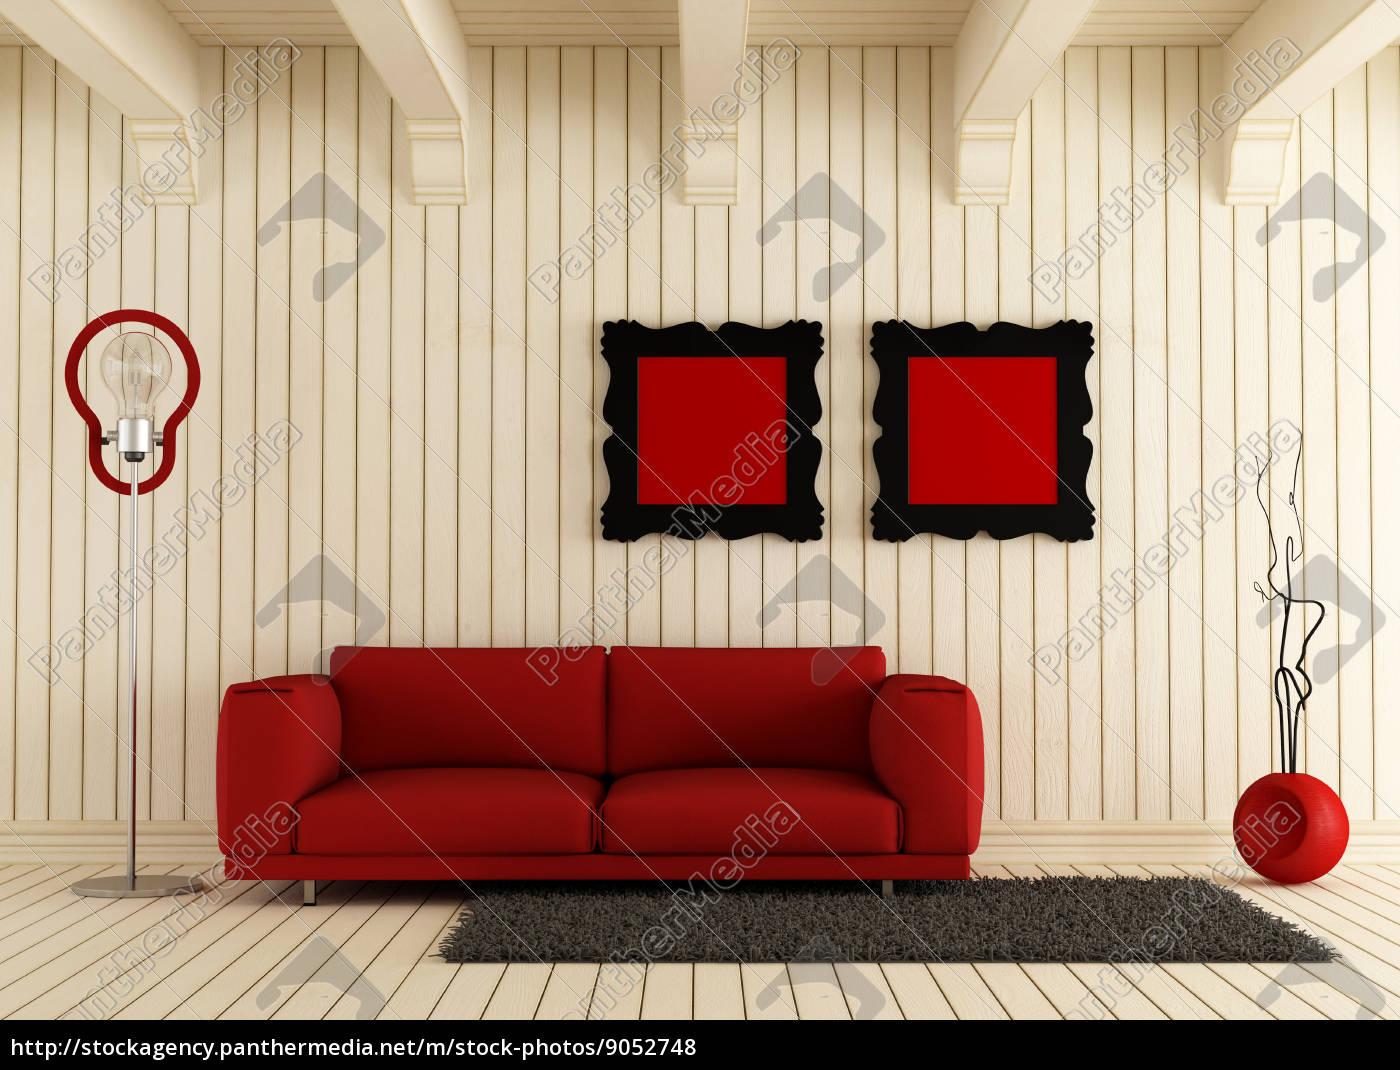 Rote Couch Im Raum Aus Holz Lizenzfreies Foto 9052748